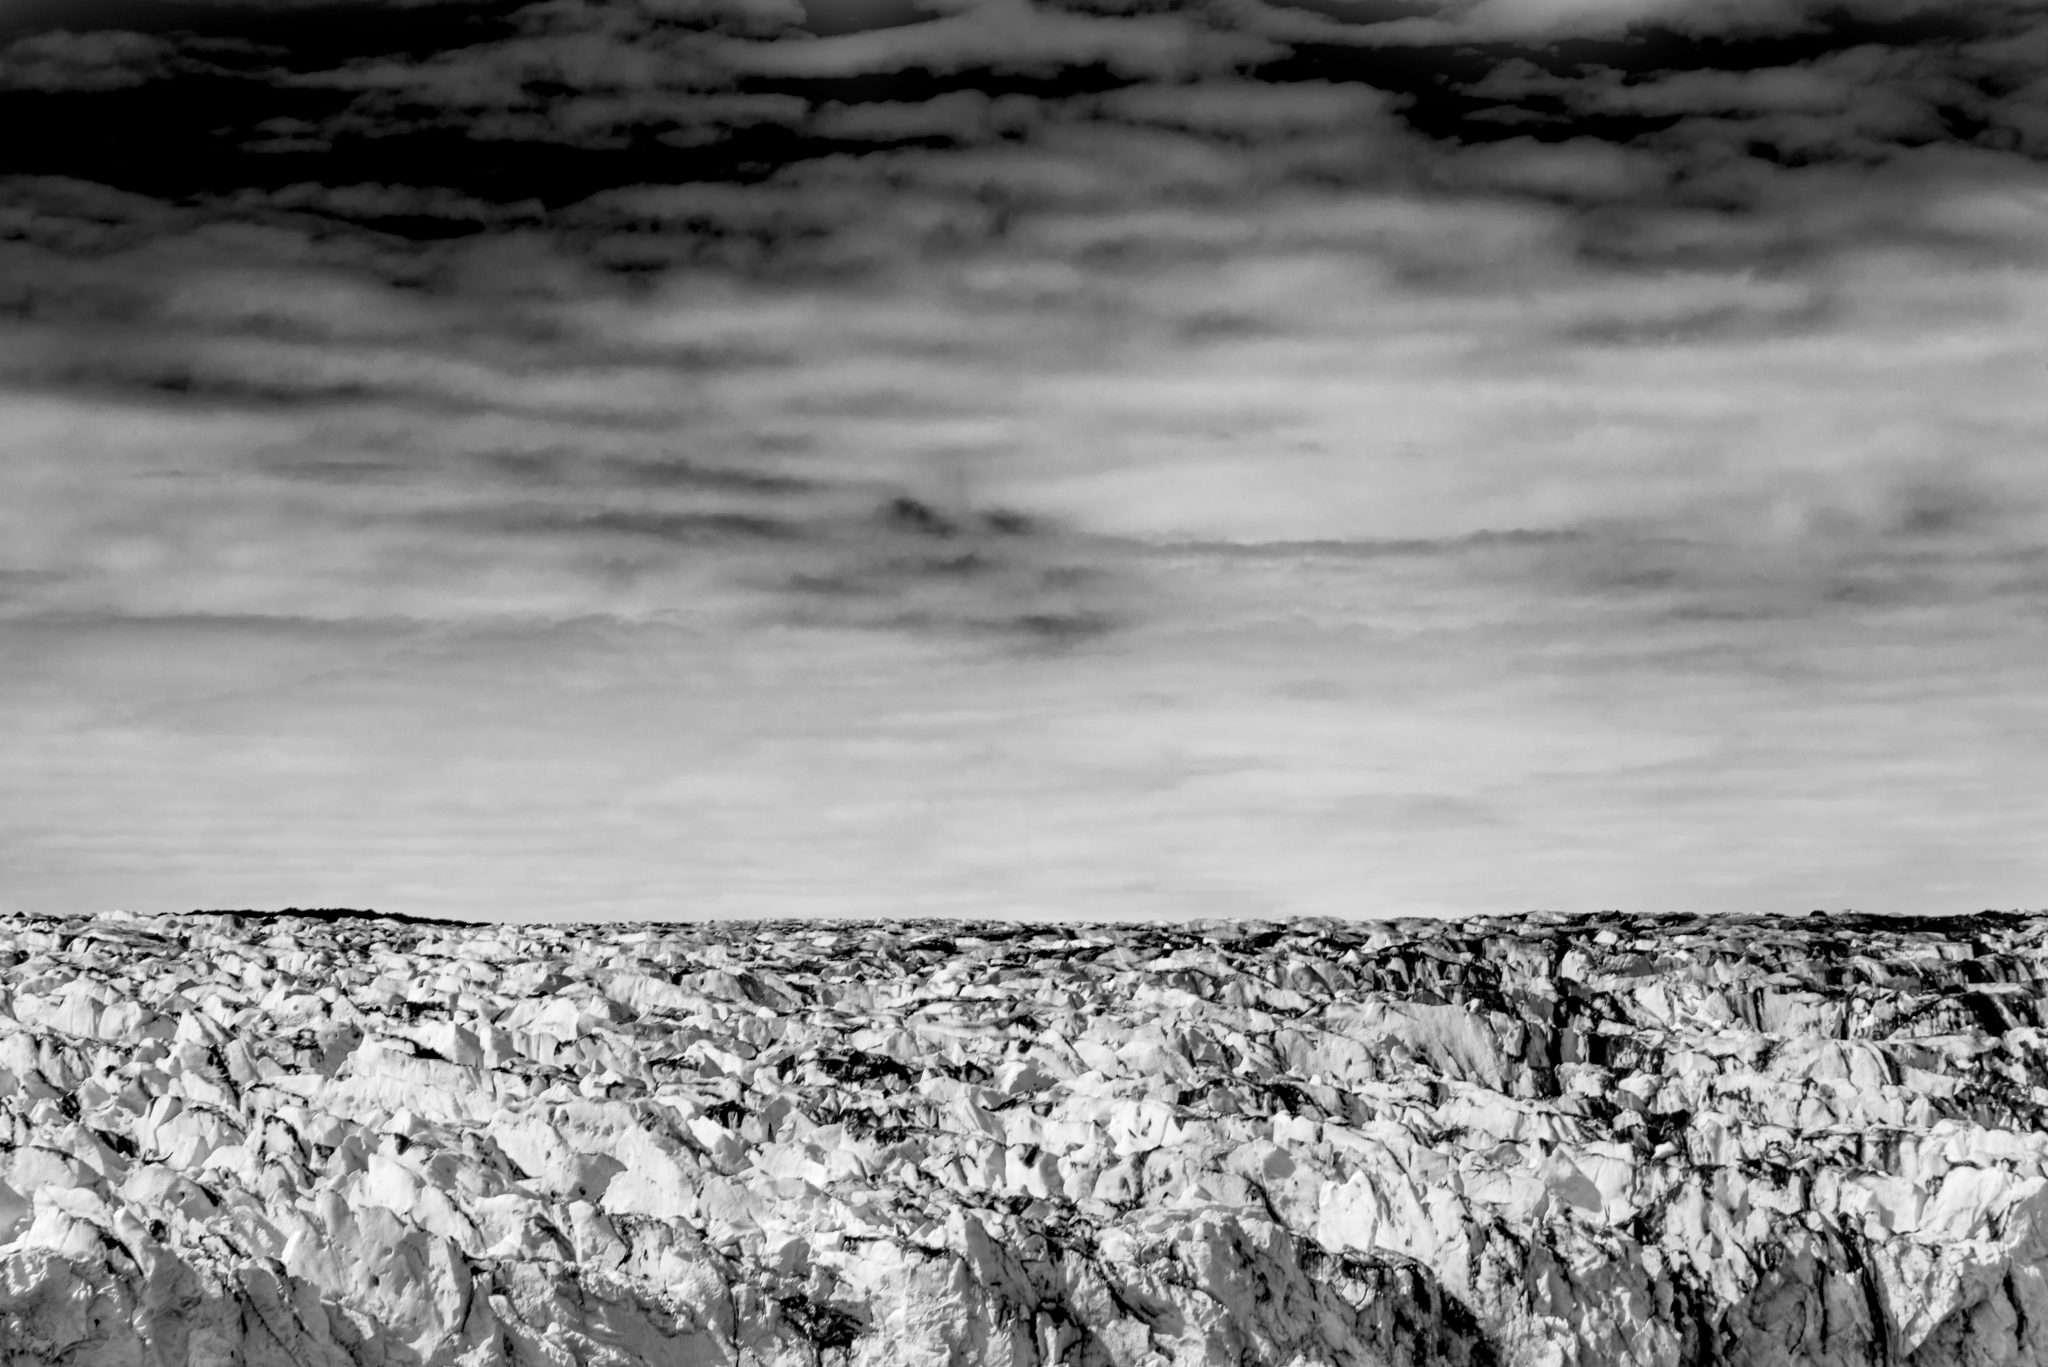 Fotografia paesaggio landscape in islanda con rocce e ghiacciaio in bianco e nero realizzata da Barbara Trincone, fotografa professionista paesaggista e di reportage con studio privato a Pozzuoli Napoli